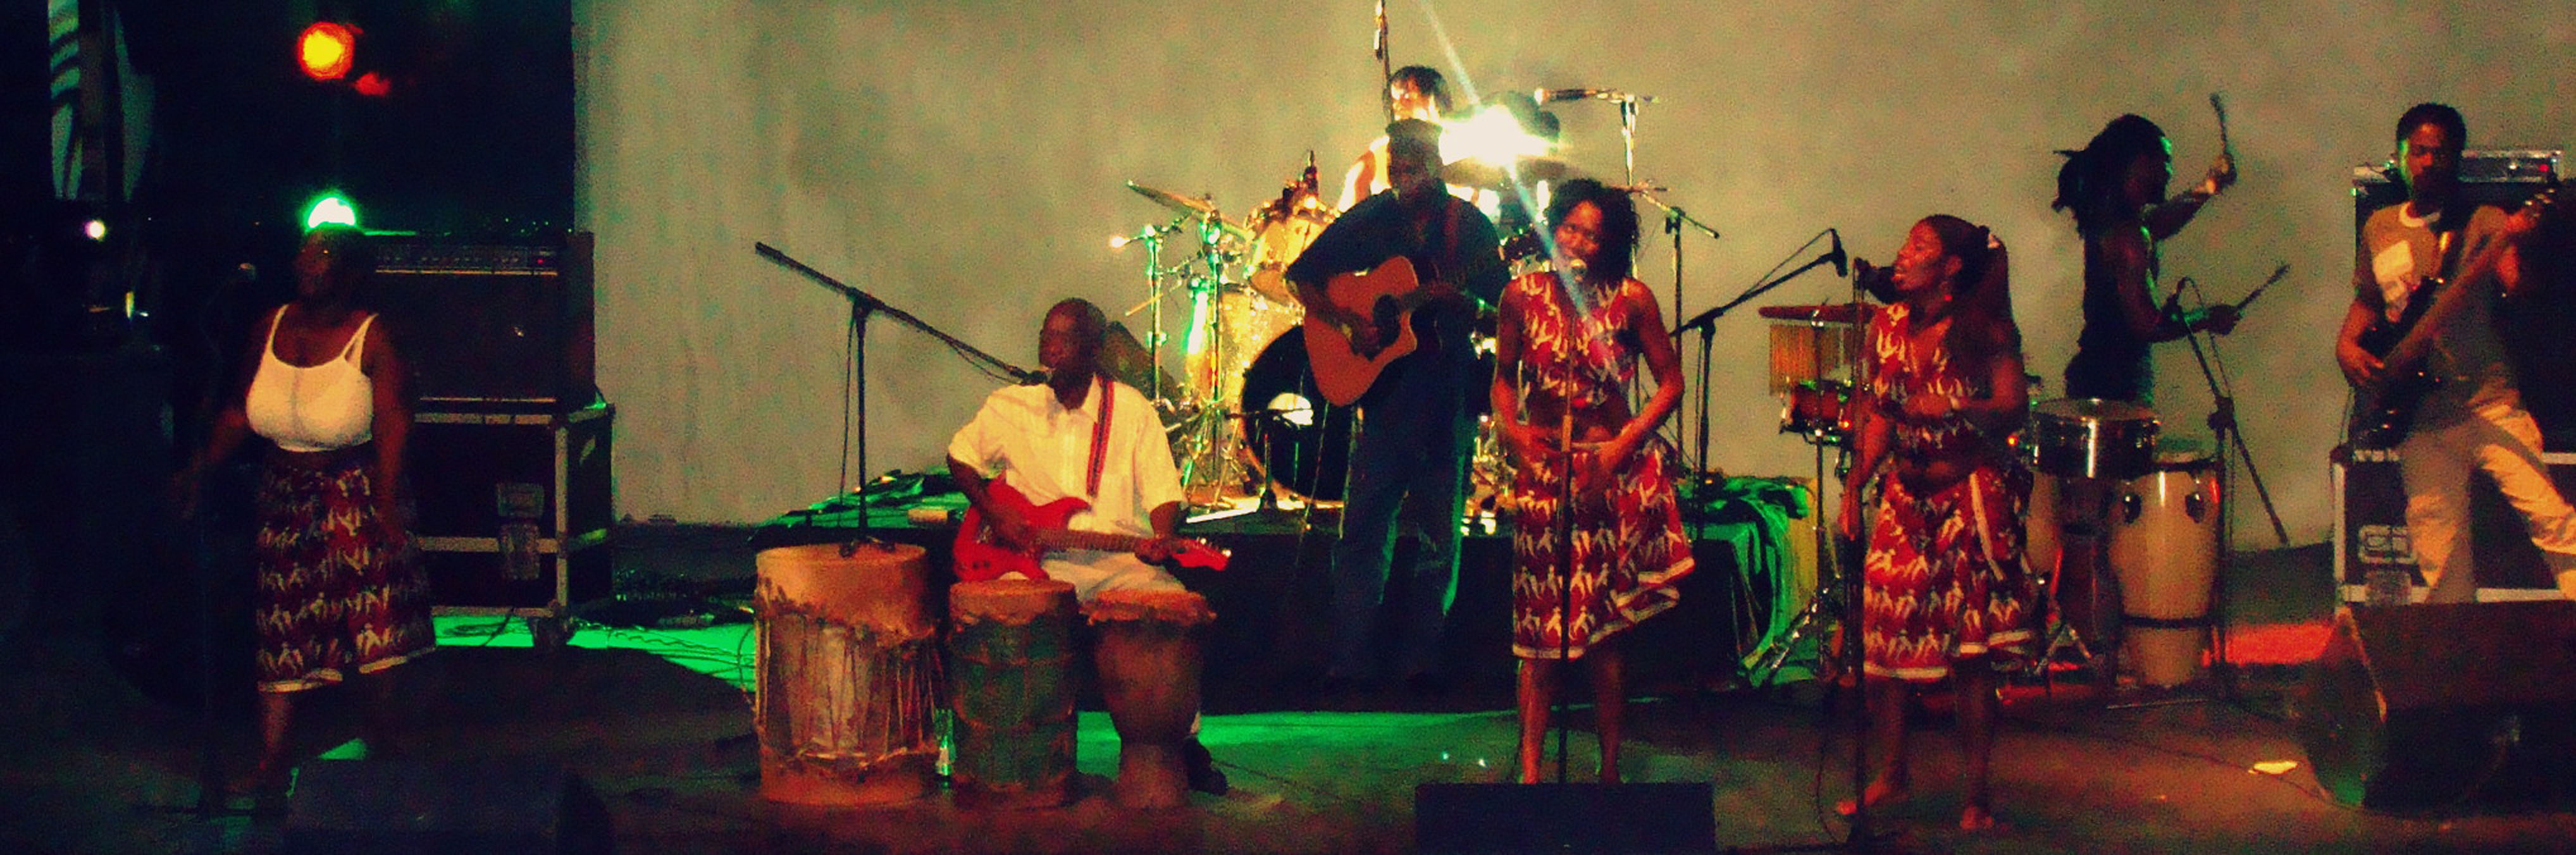 El legendario Dilon Djindji durante su actuación en el Festival de la Marrabenta.